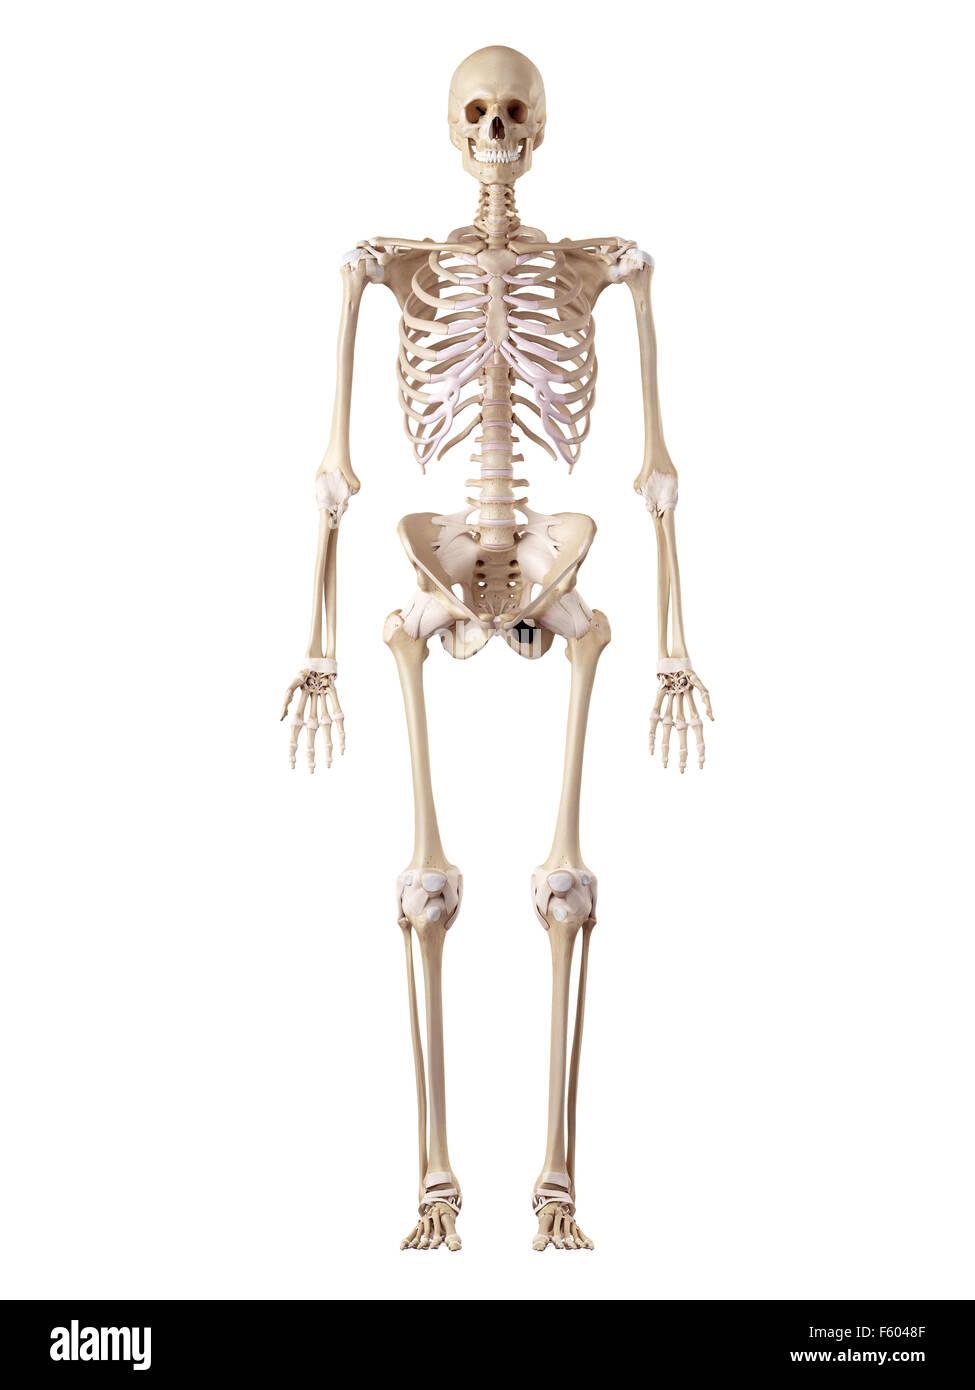 Précis de l'illustration médicale Photo Stock